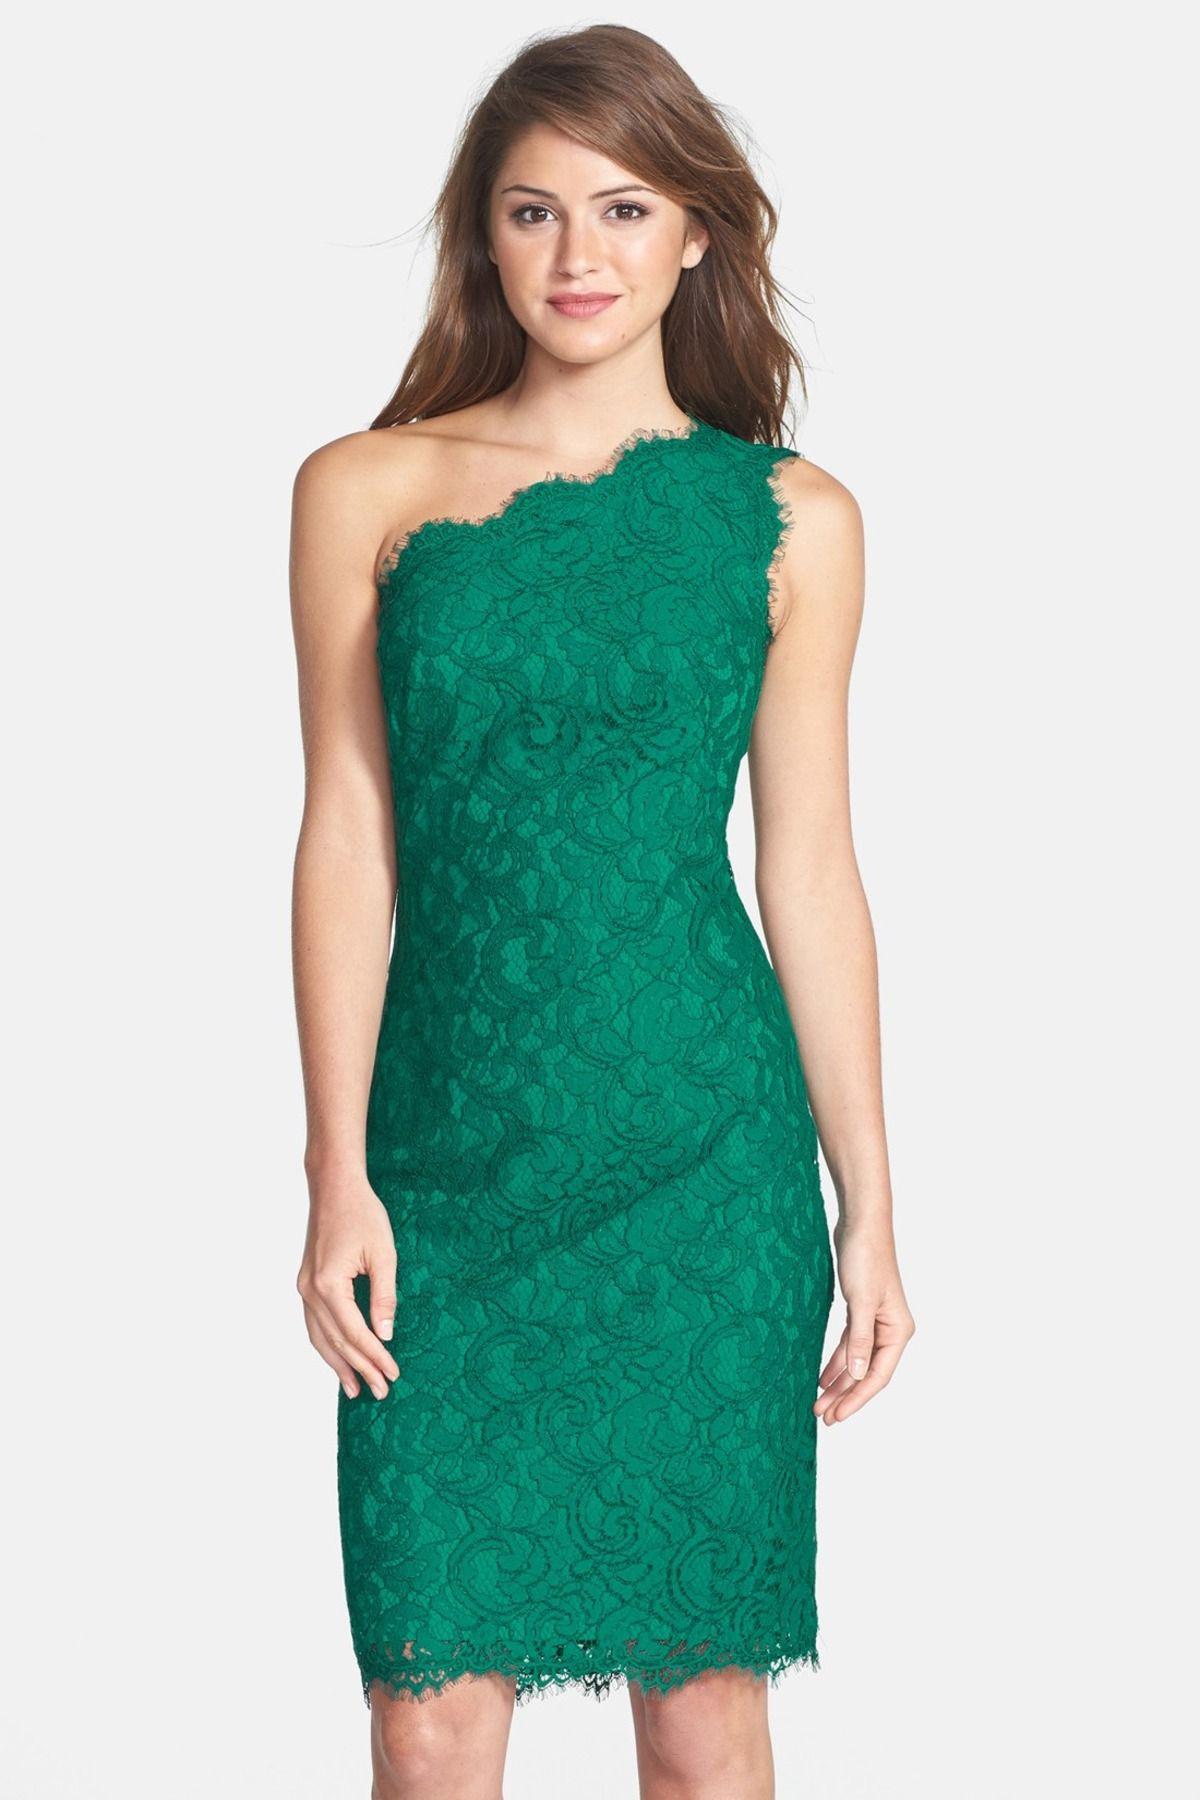 17 Einfach Grünes Kleid Spitze für 201917 Spektakulär Grünes Kleid Spitze Vertrieb